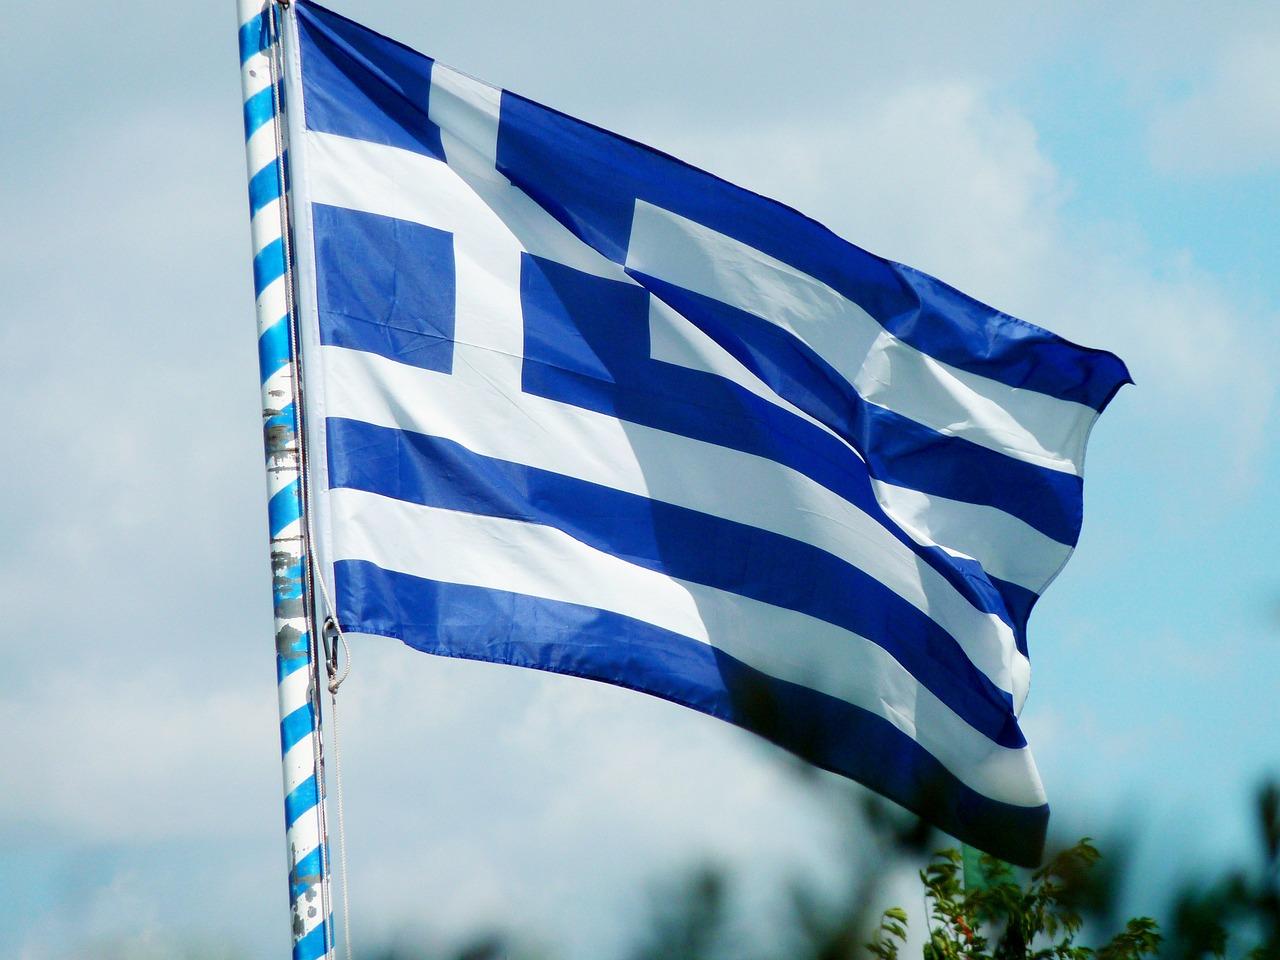 Réparations de guerre : la dette impayée de l'Allemagne envers les Grecs